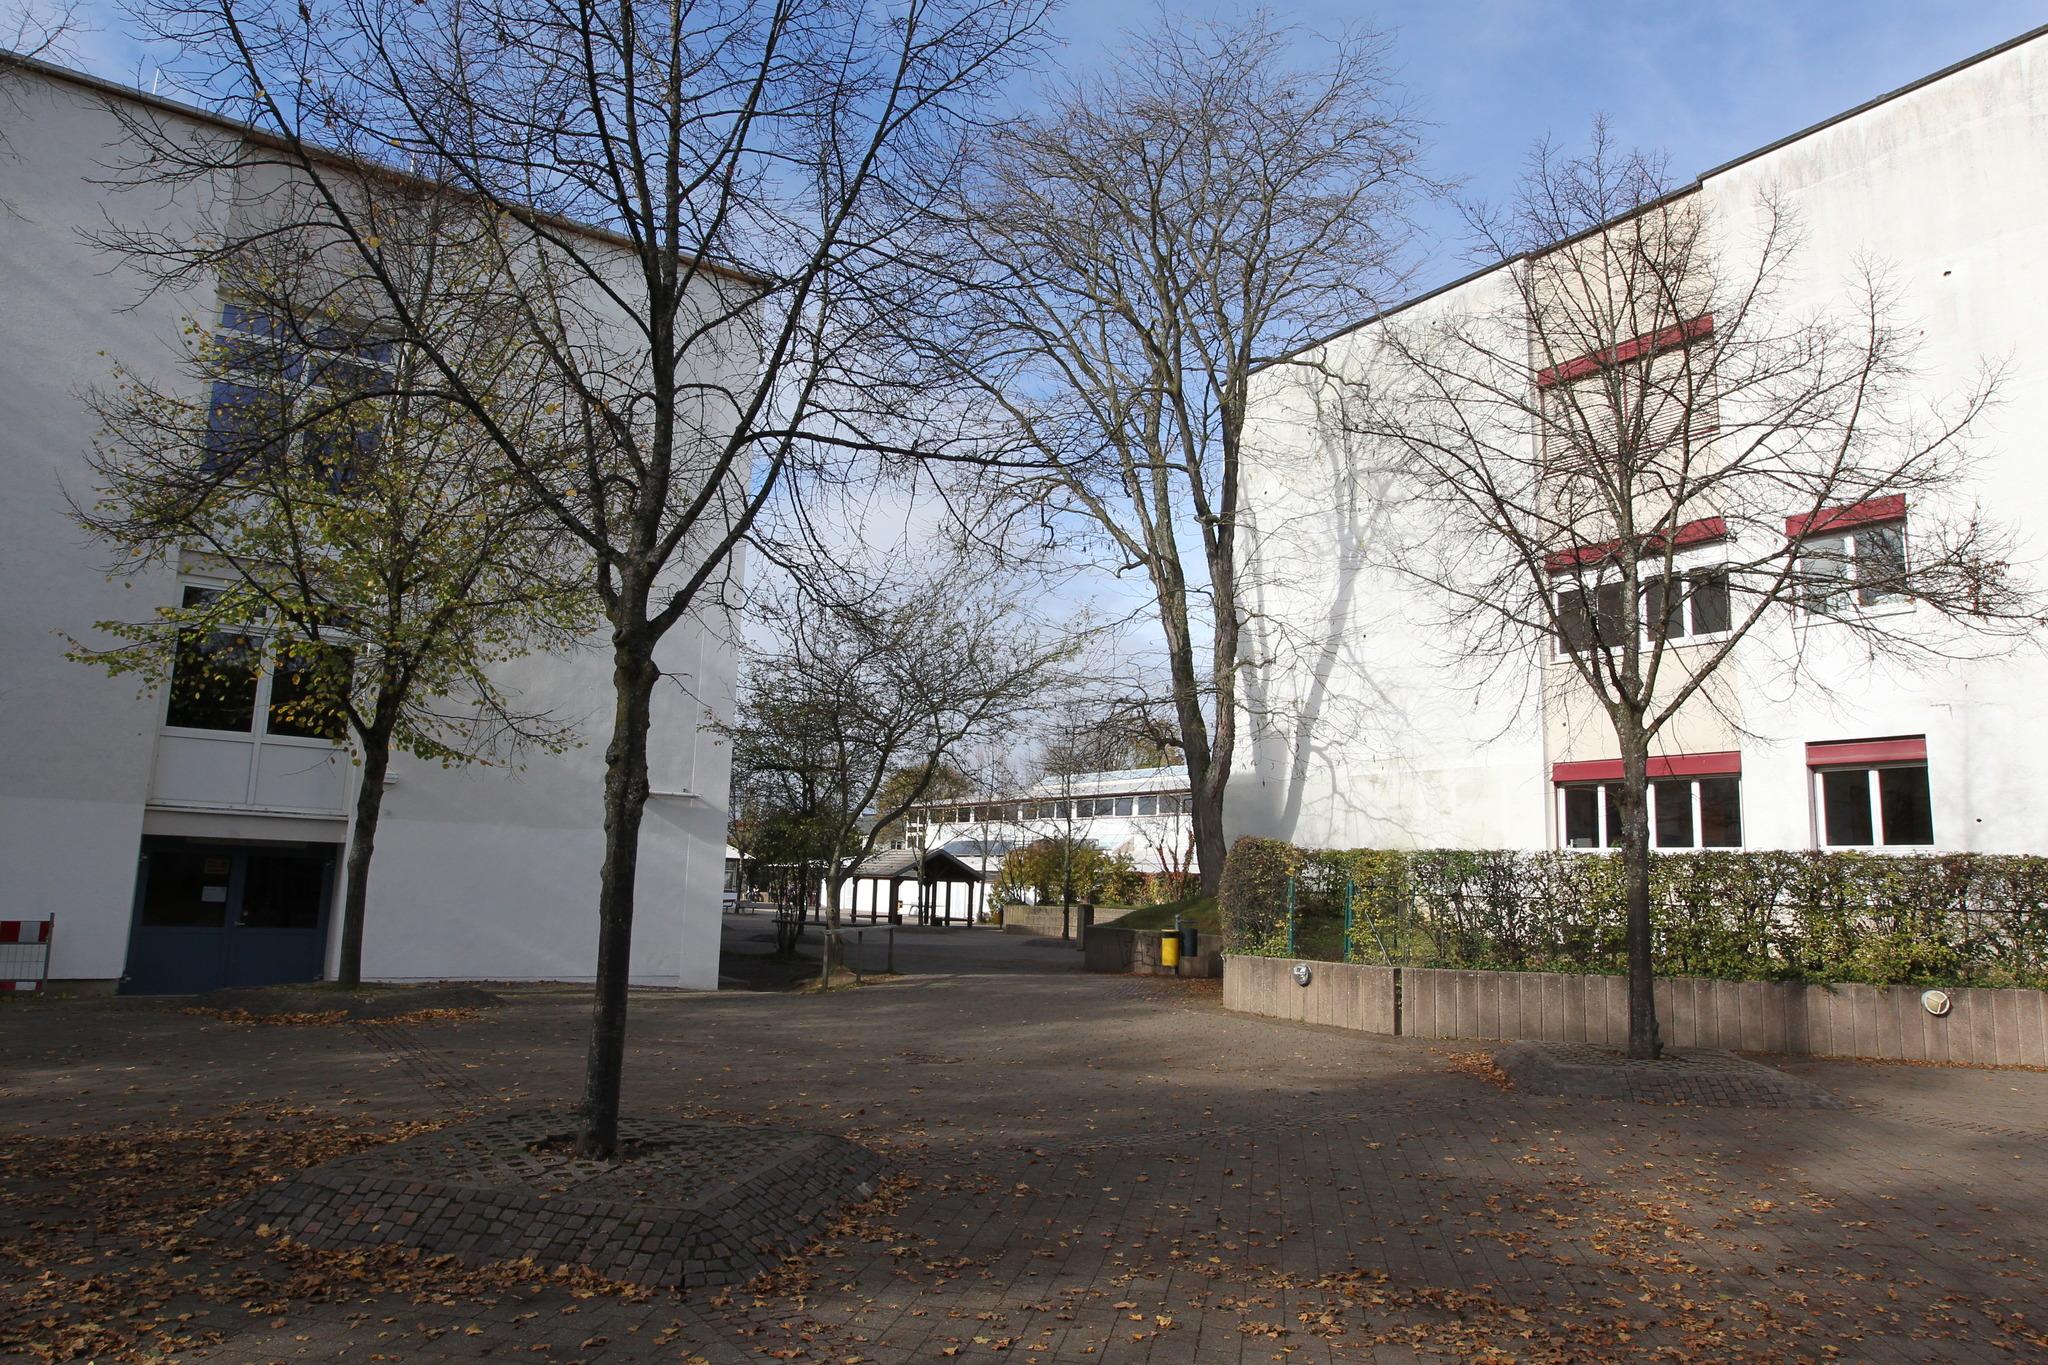 Schulerweiterung in oberkirch baukosten auf 9 7 millionen - Architekt oberkirch ...